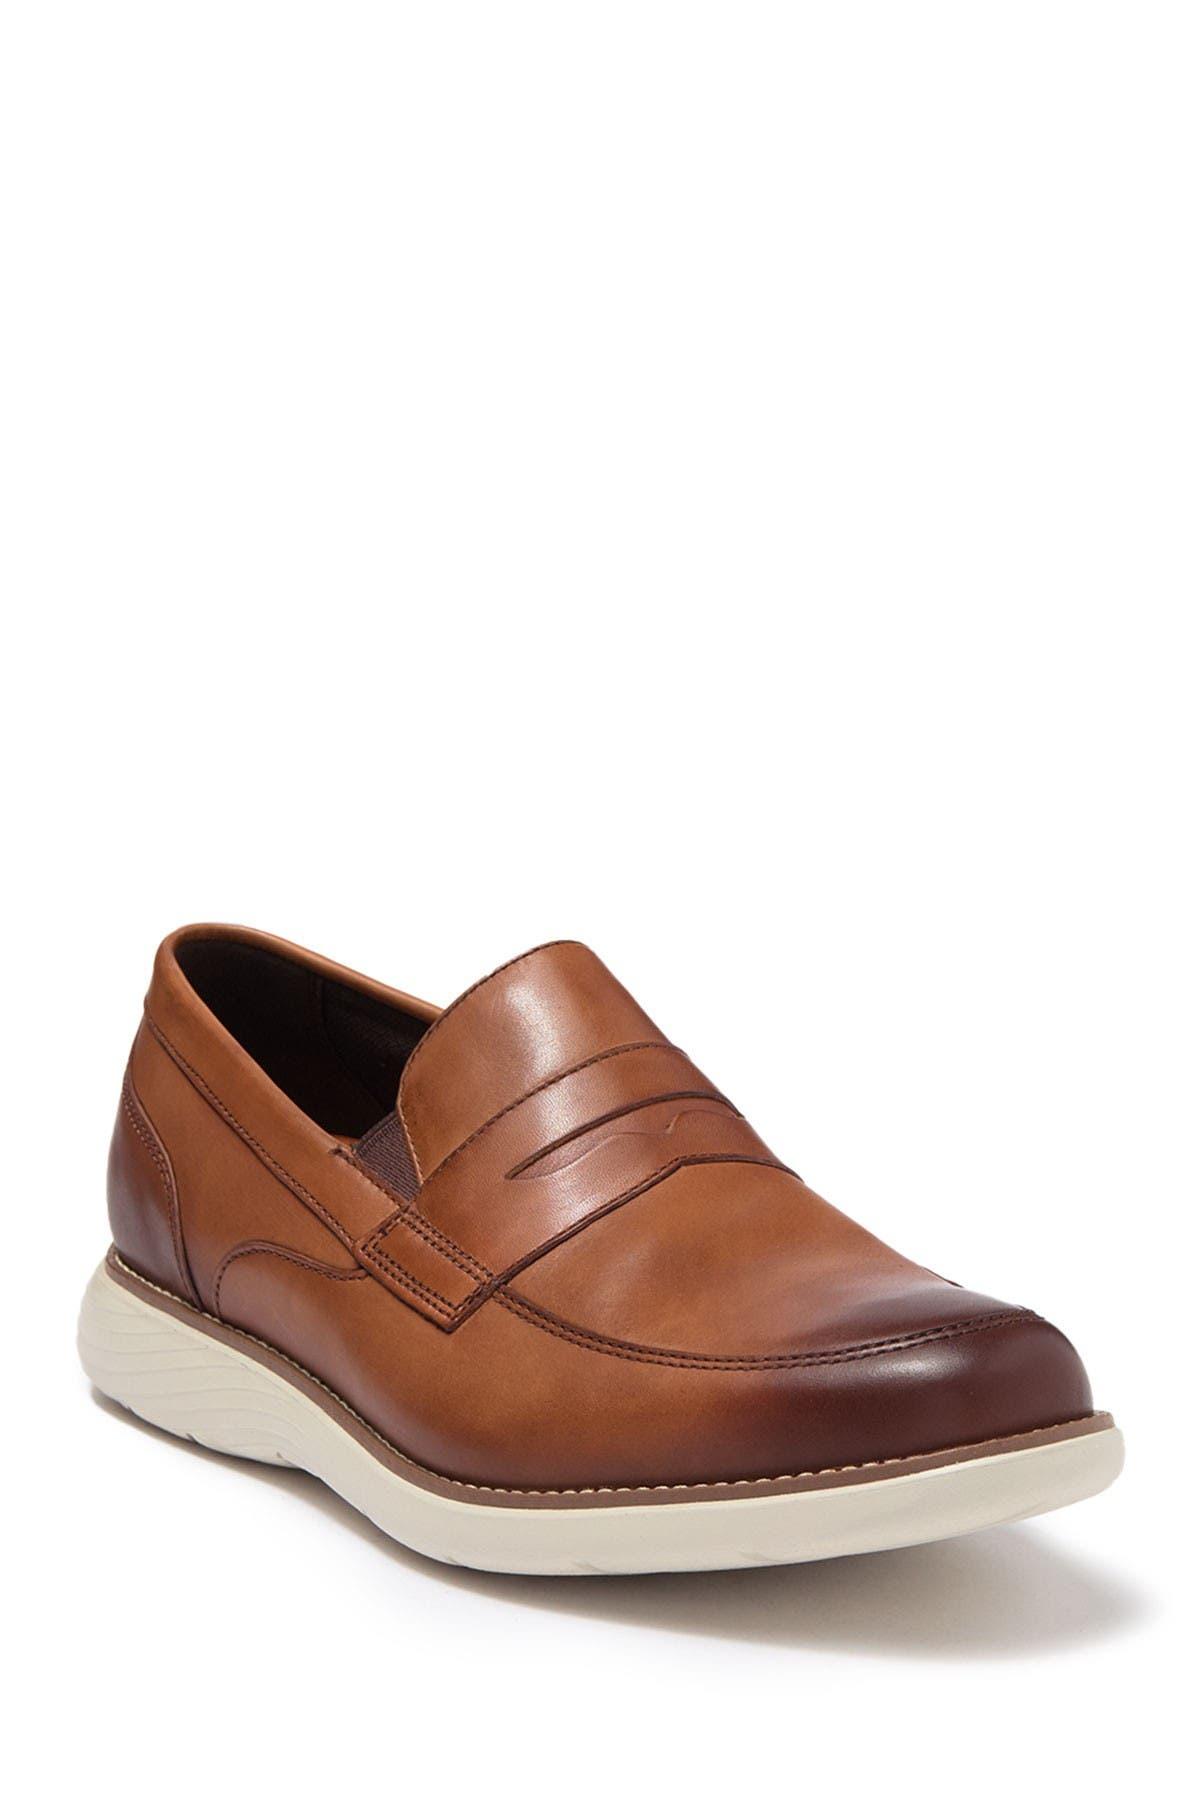 Rockport   Garett Leather Penny Loafer